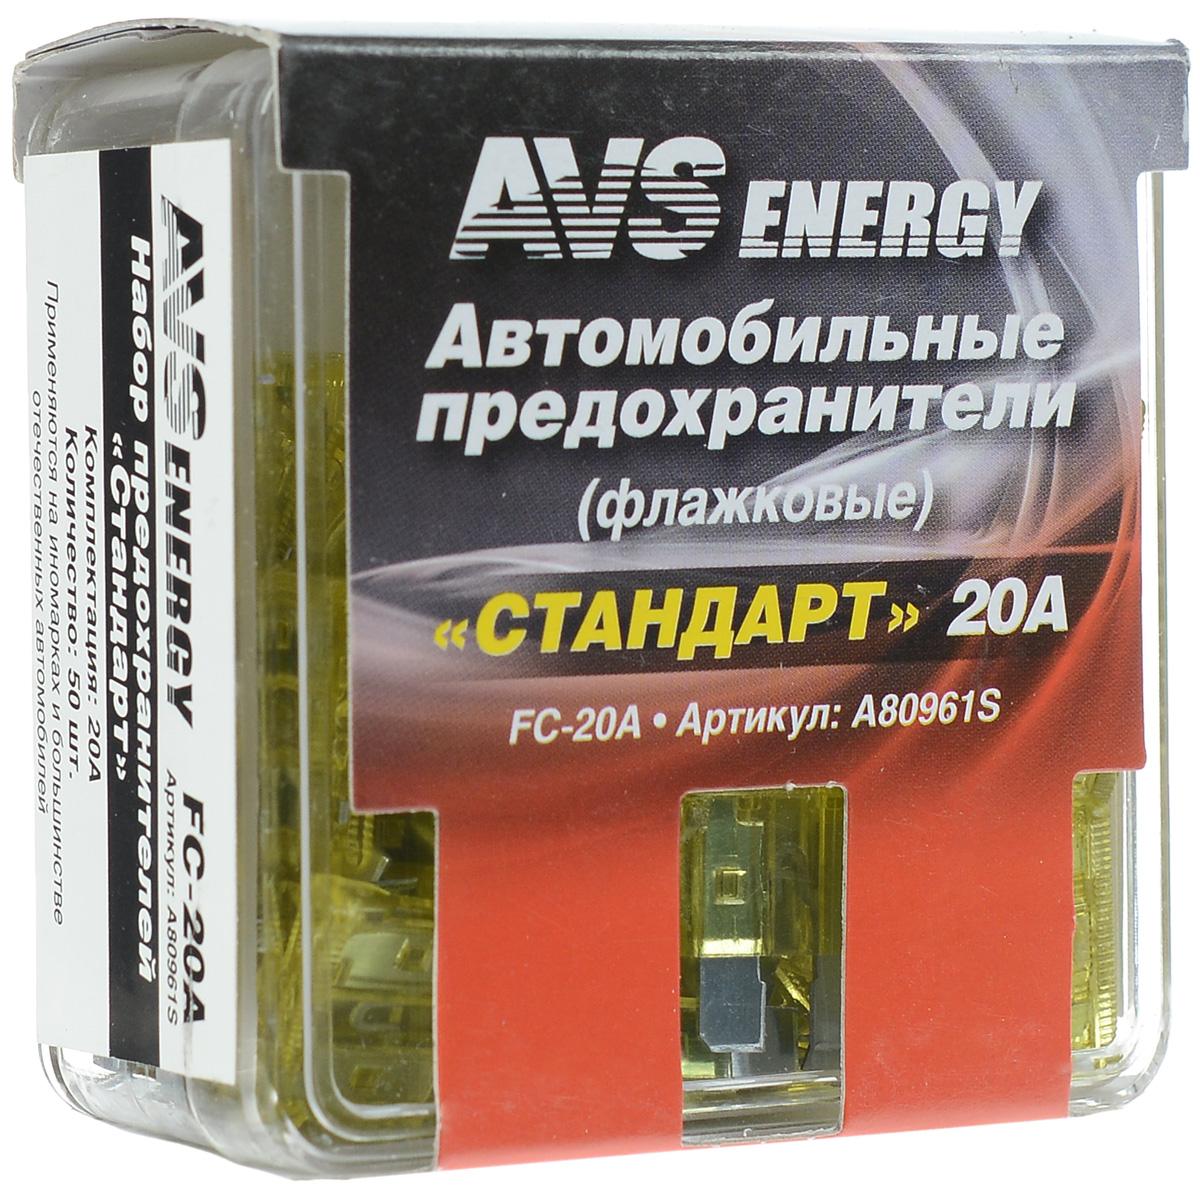 Набор автомобильных предохранителей AVS Стандарт, 20А, 50 шт набор автомобильных предохранителей avs мини 25а 100 шт